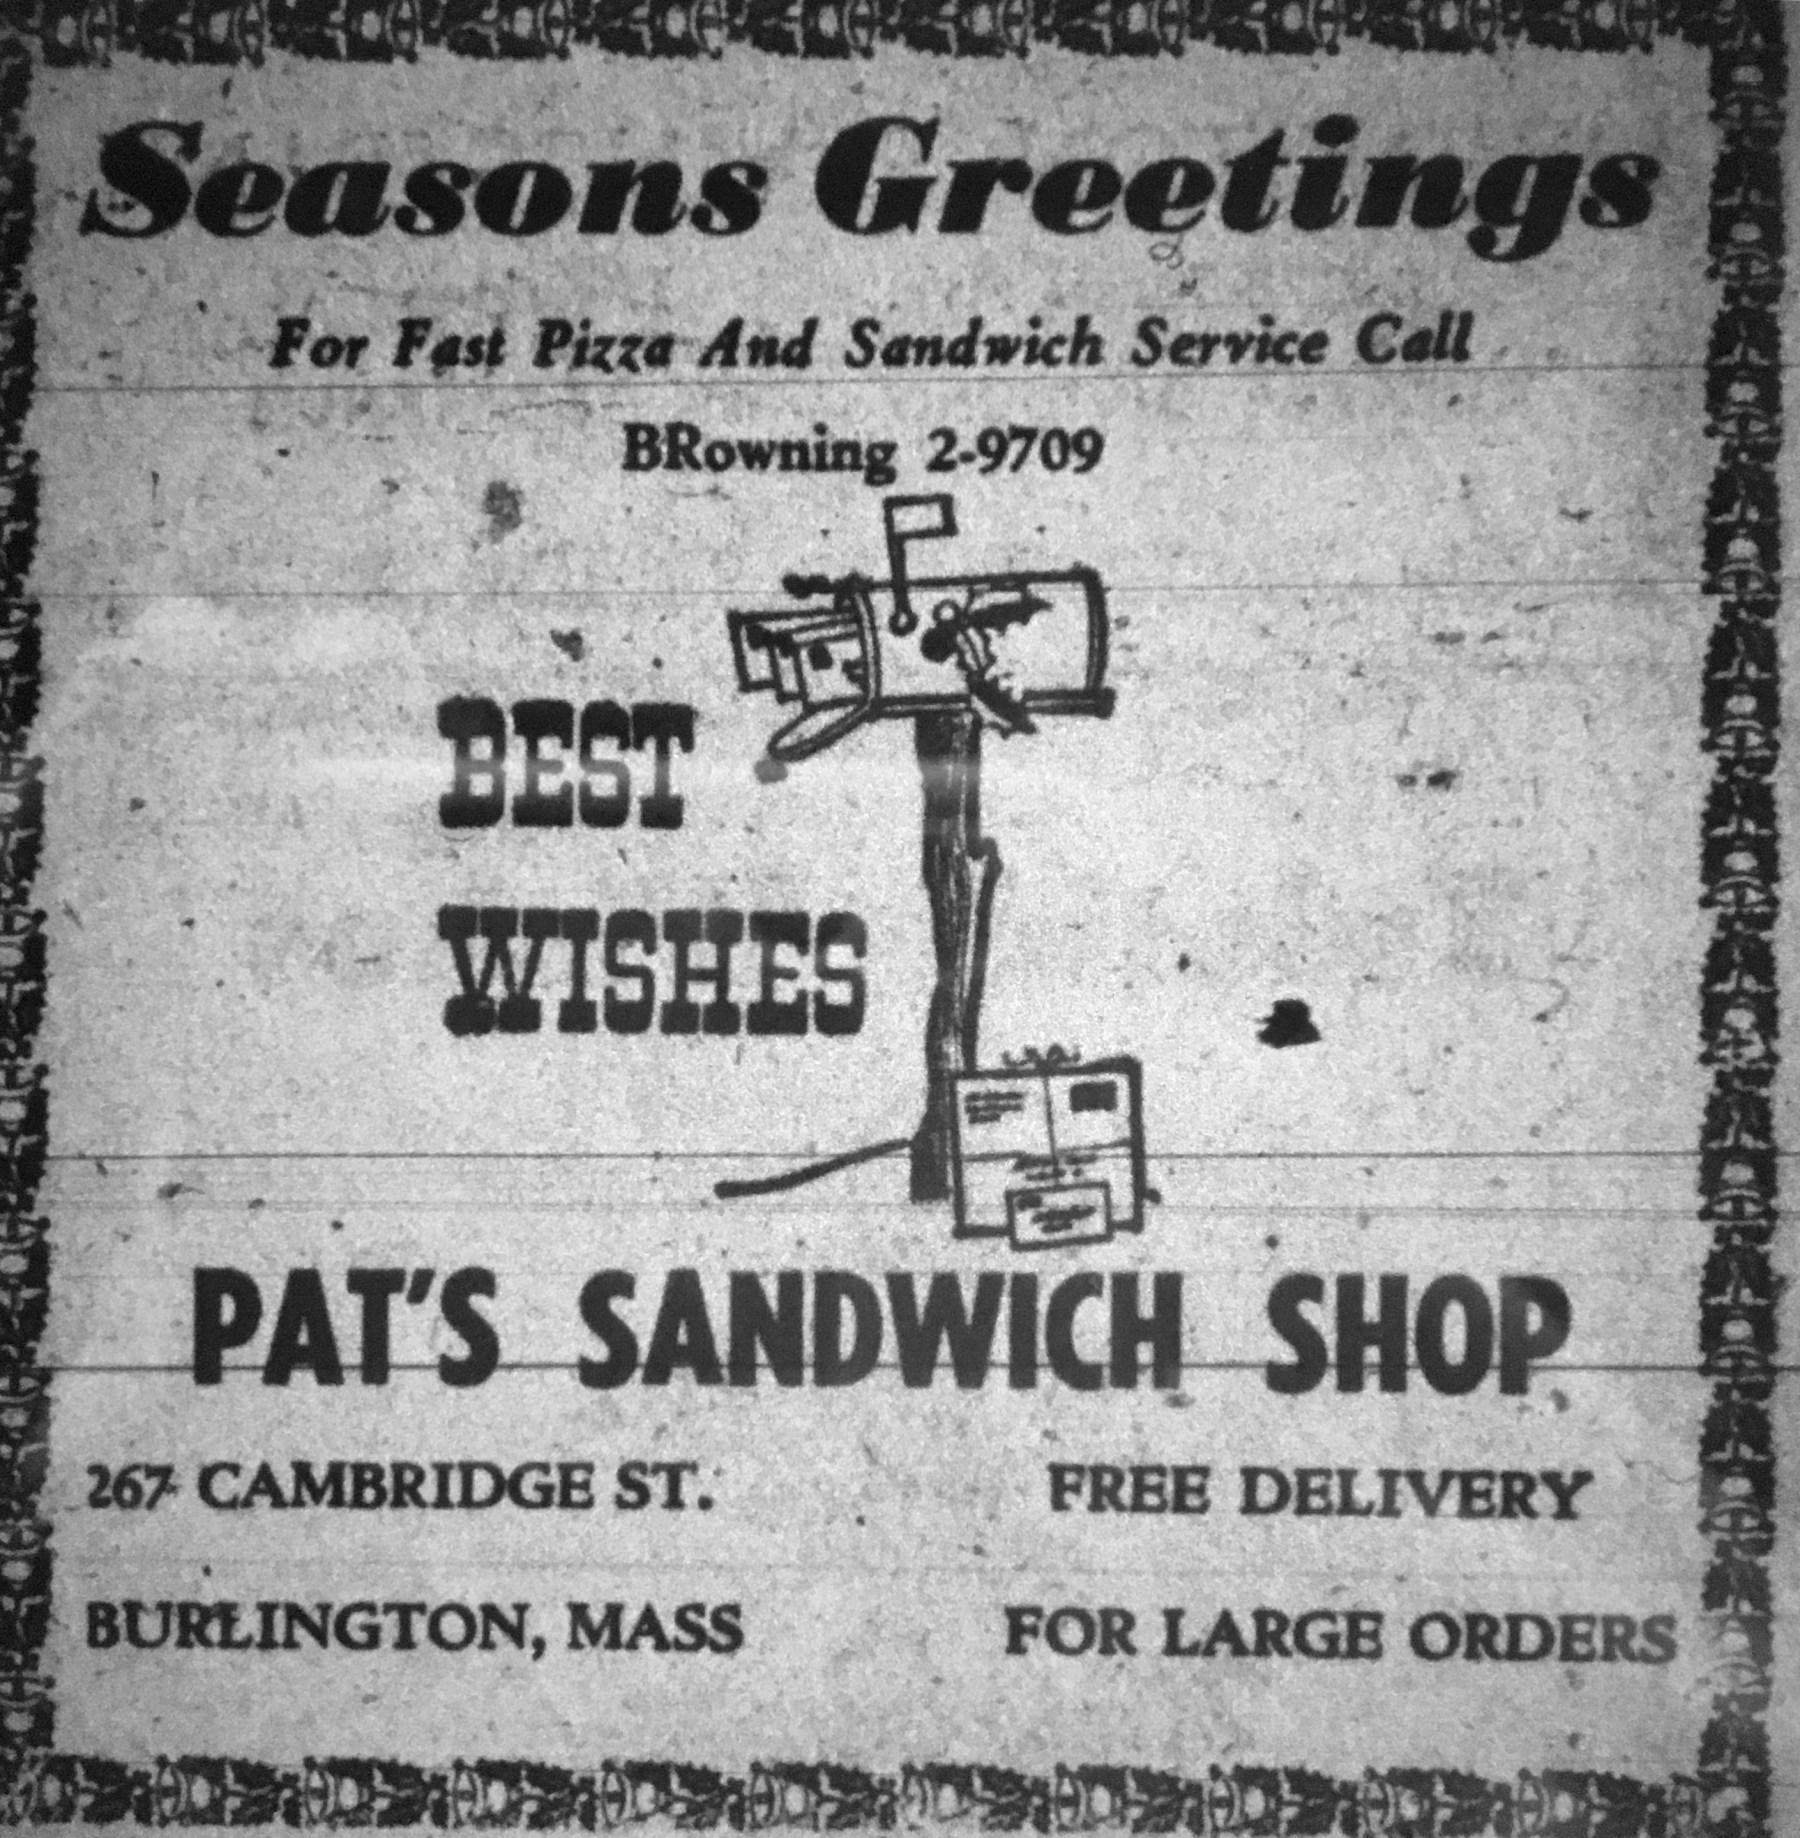 Pat's Sandwich Shop, Burlington MA